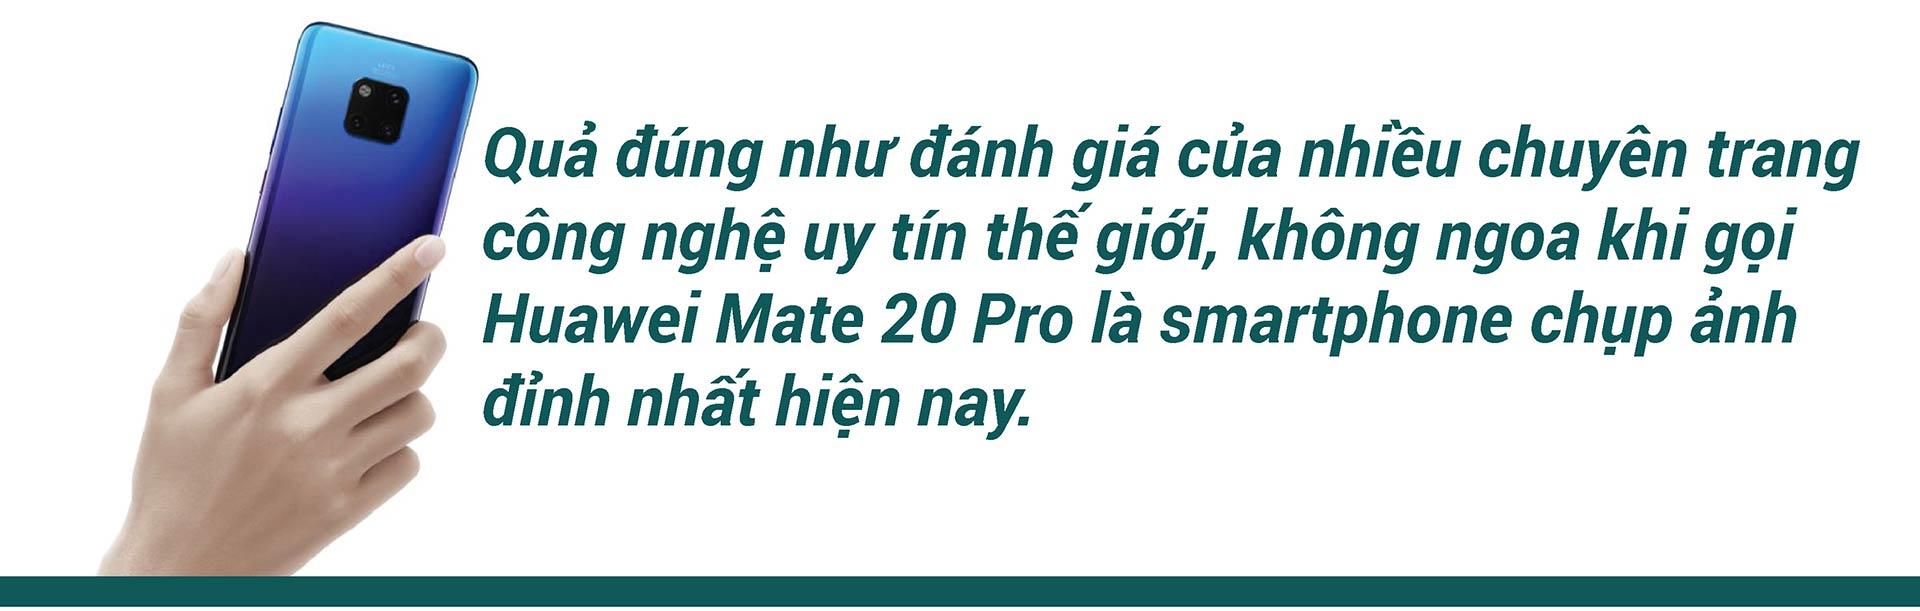 Huawei Mate 20 Pro chụp ảnh quá đỉnh, nhìn là thích ngay - 2